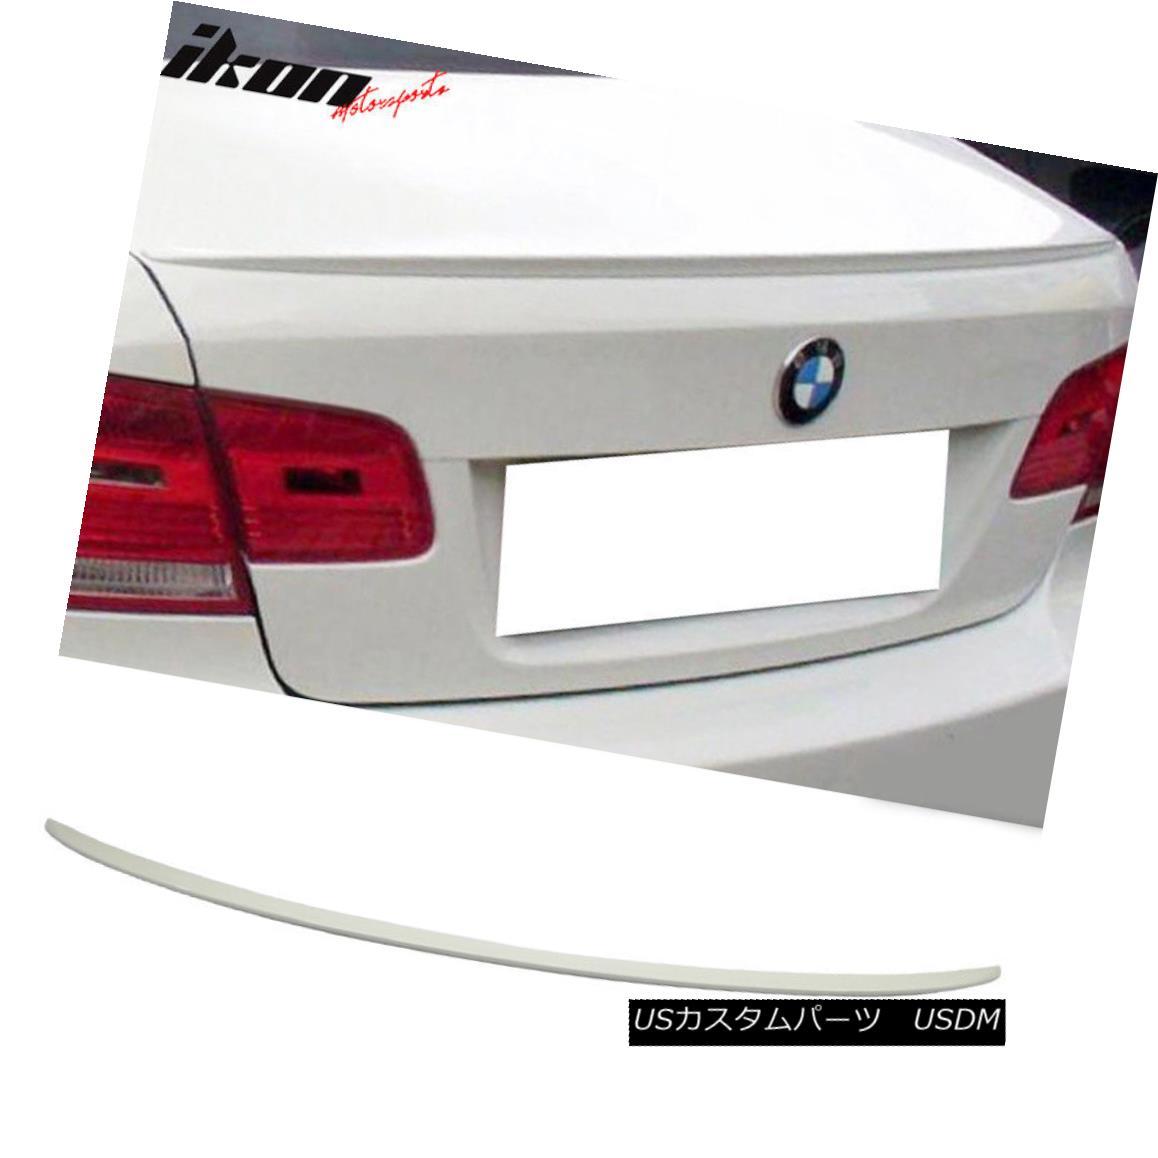 エアロパーツ Fits 07-13 BMW 3 Series E92 Coupe M3 Trunk Spoiler Painted #300 Alpine White III フィット07?13 BMW 3シリーズE92クーペM3トランク・スポイラー#300アルパイン・ホワイトIII